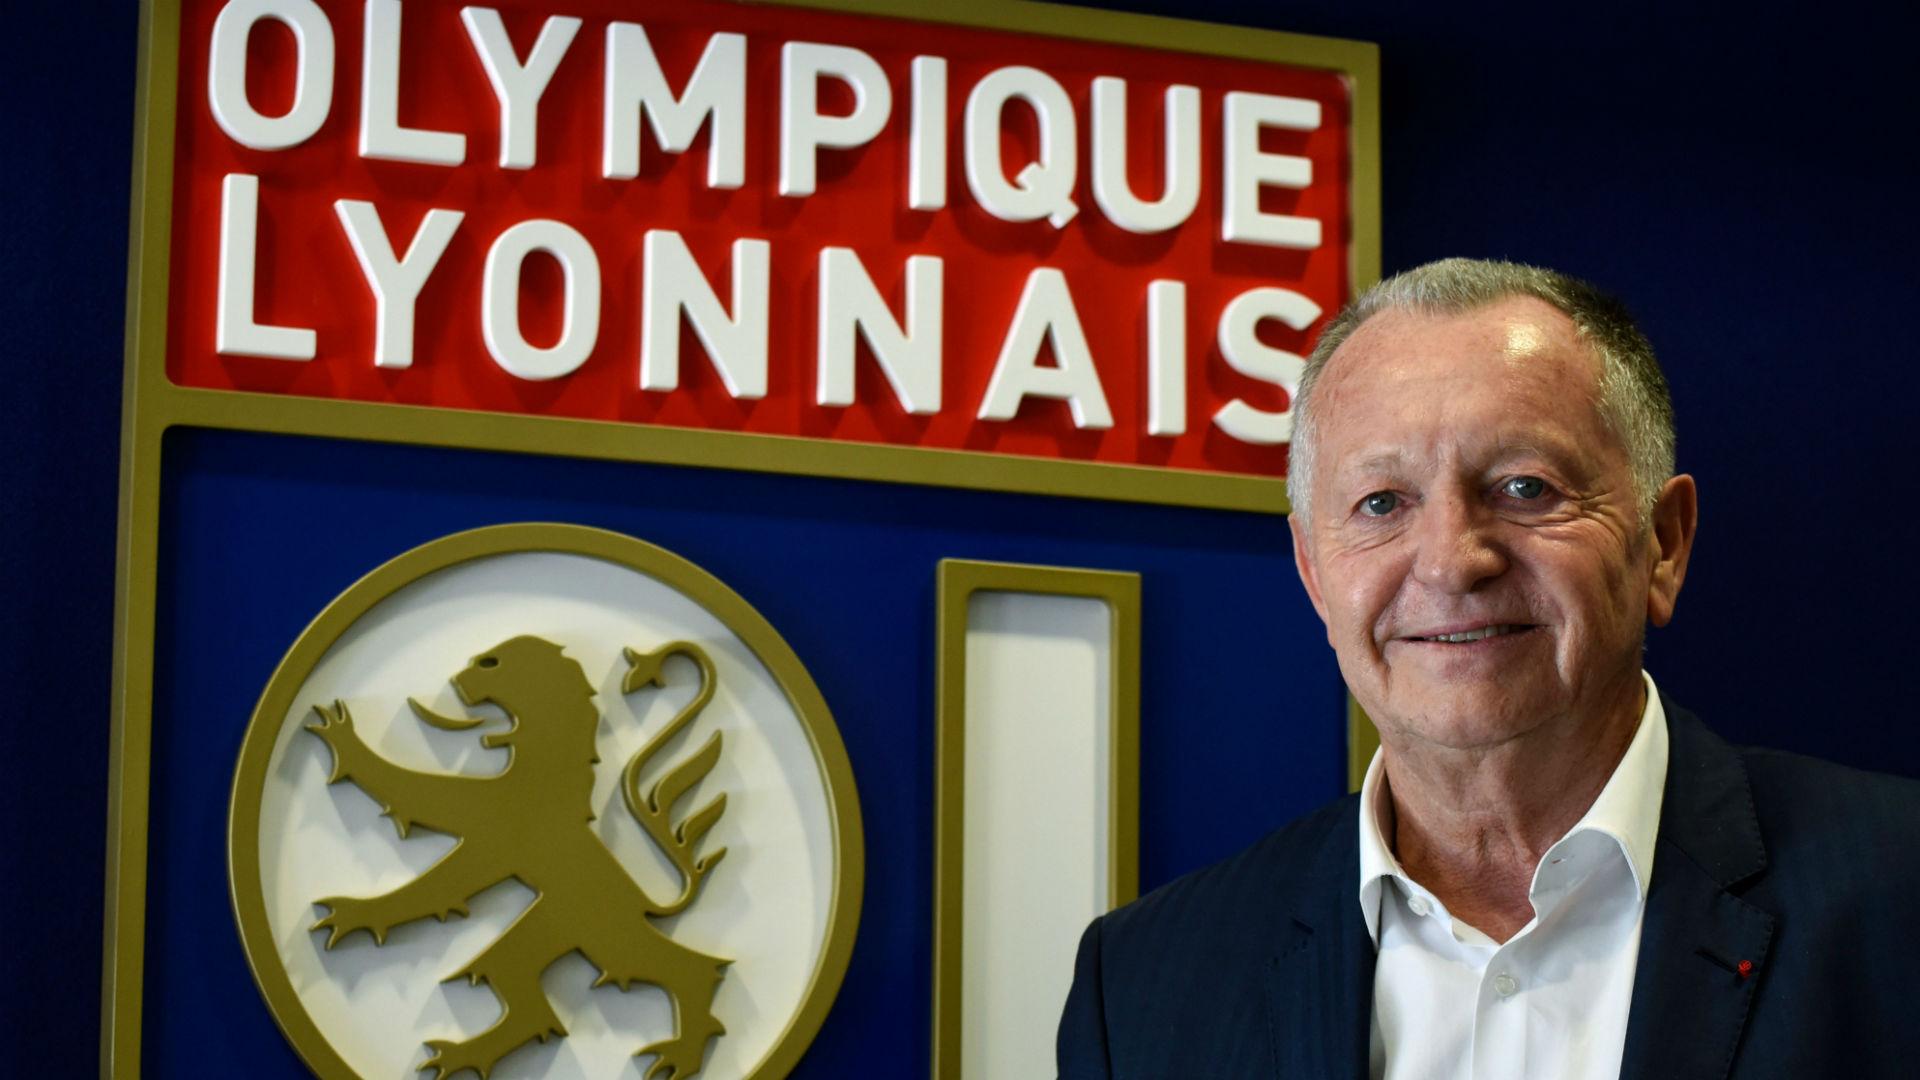 A dinastia de Lyon: o time de Jean-Michel Aulas que dá aulas de gestão